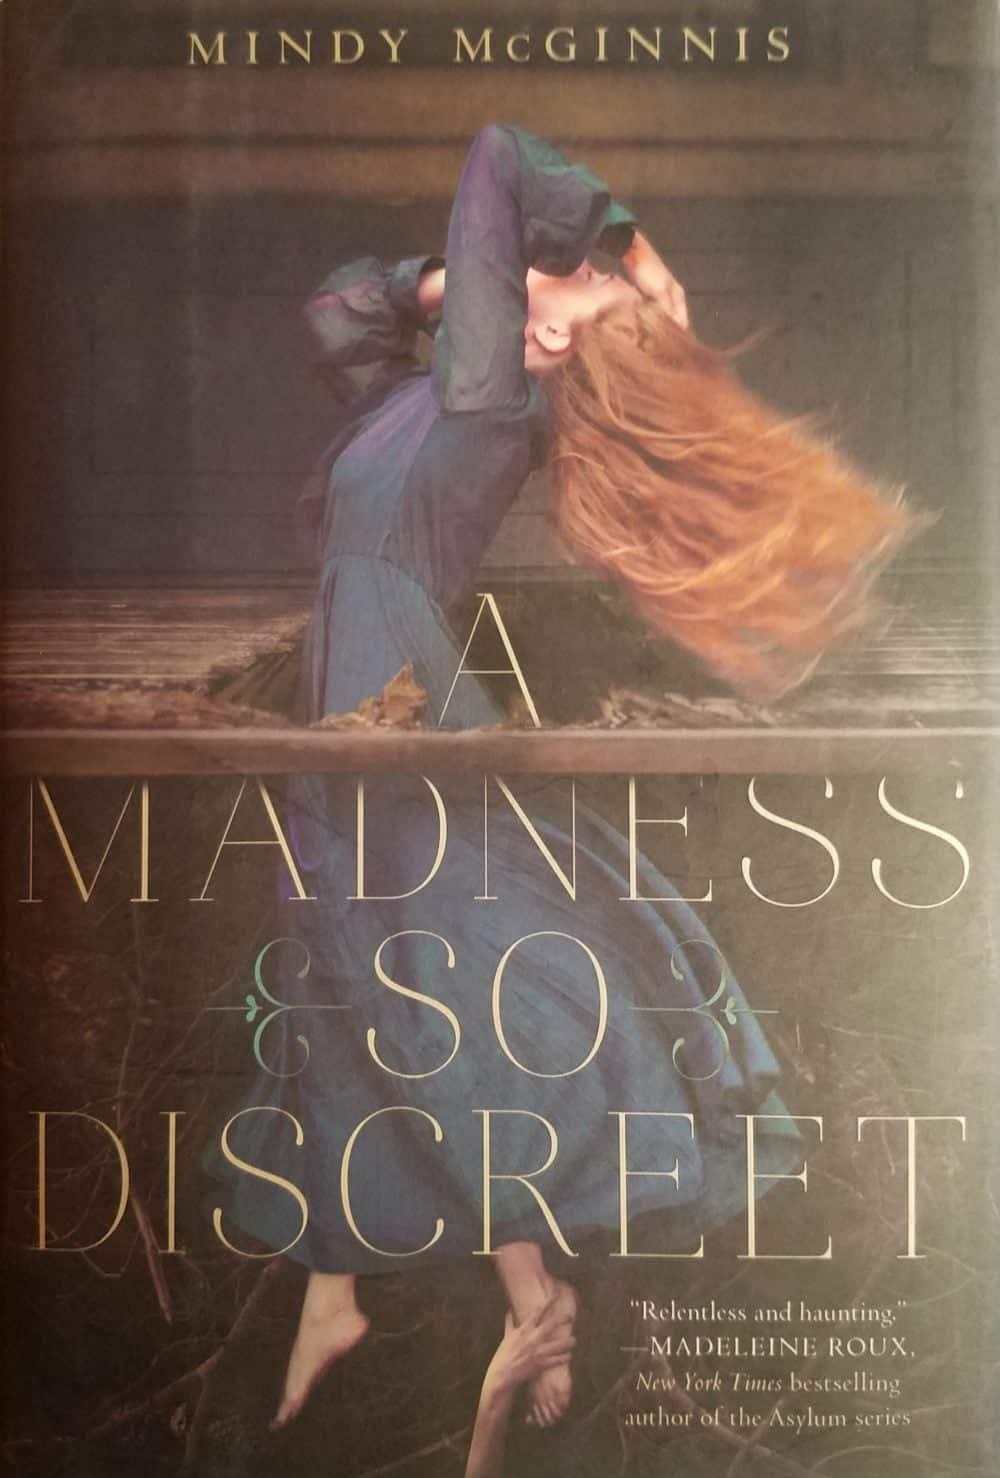 A Madness So Secret